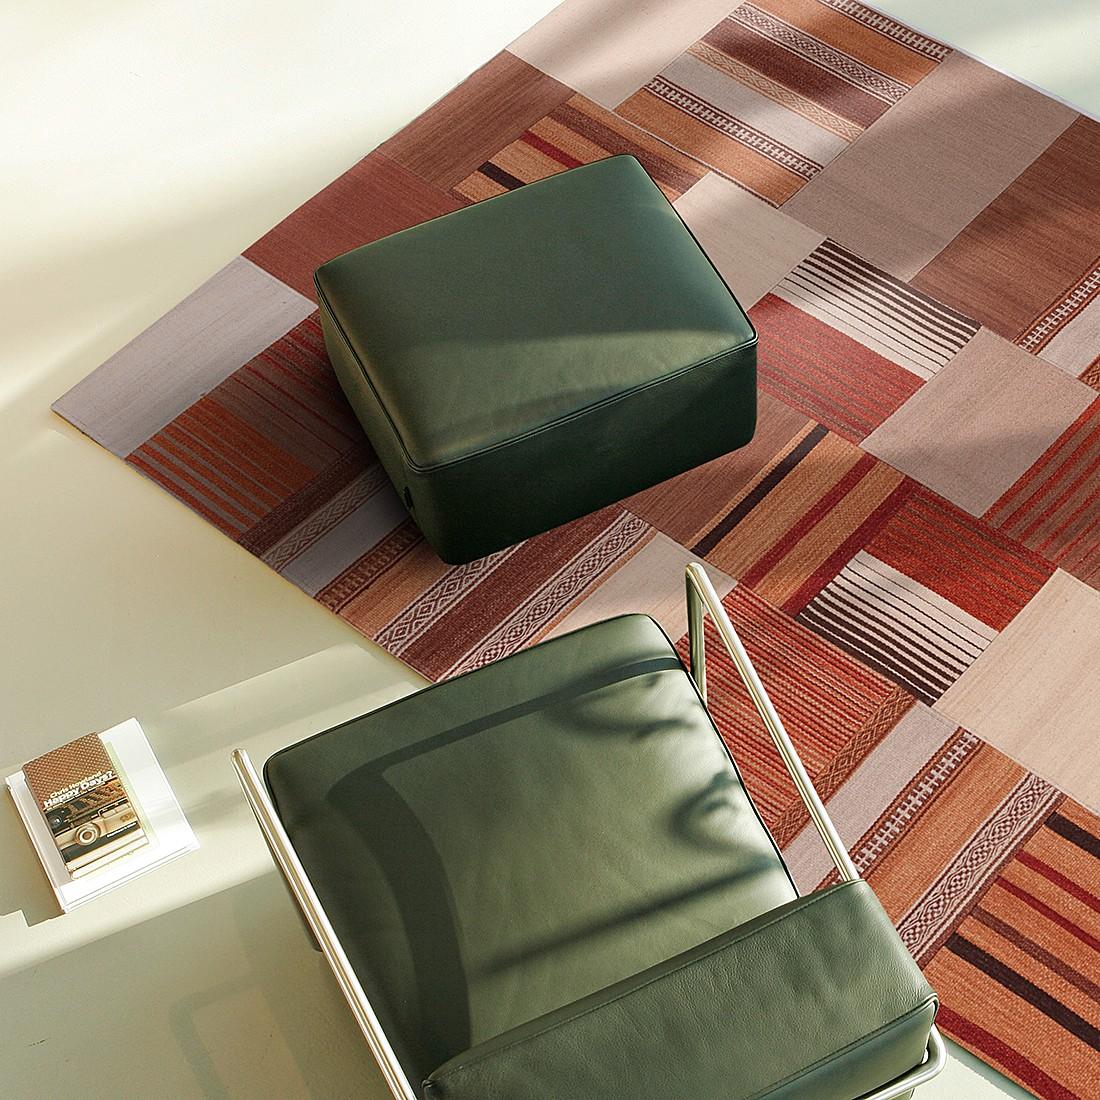 Teppich Mash Up – Wolle/Terrakotta – 200 x 140 cm, Talis Teppiche günstig bestellen